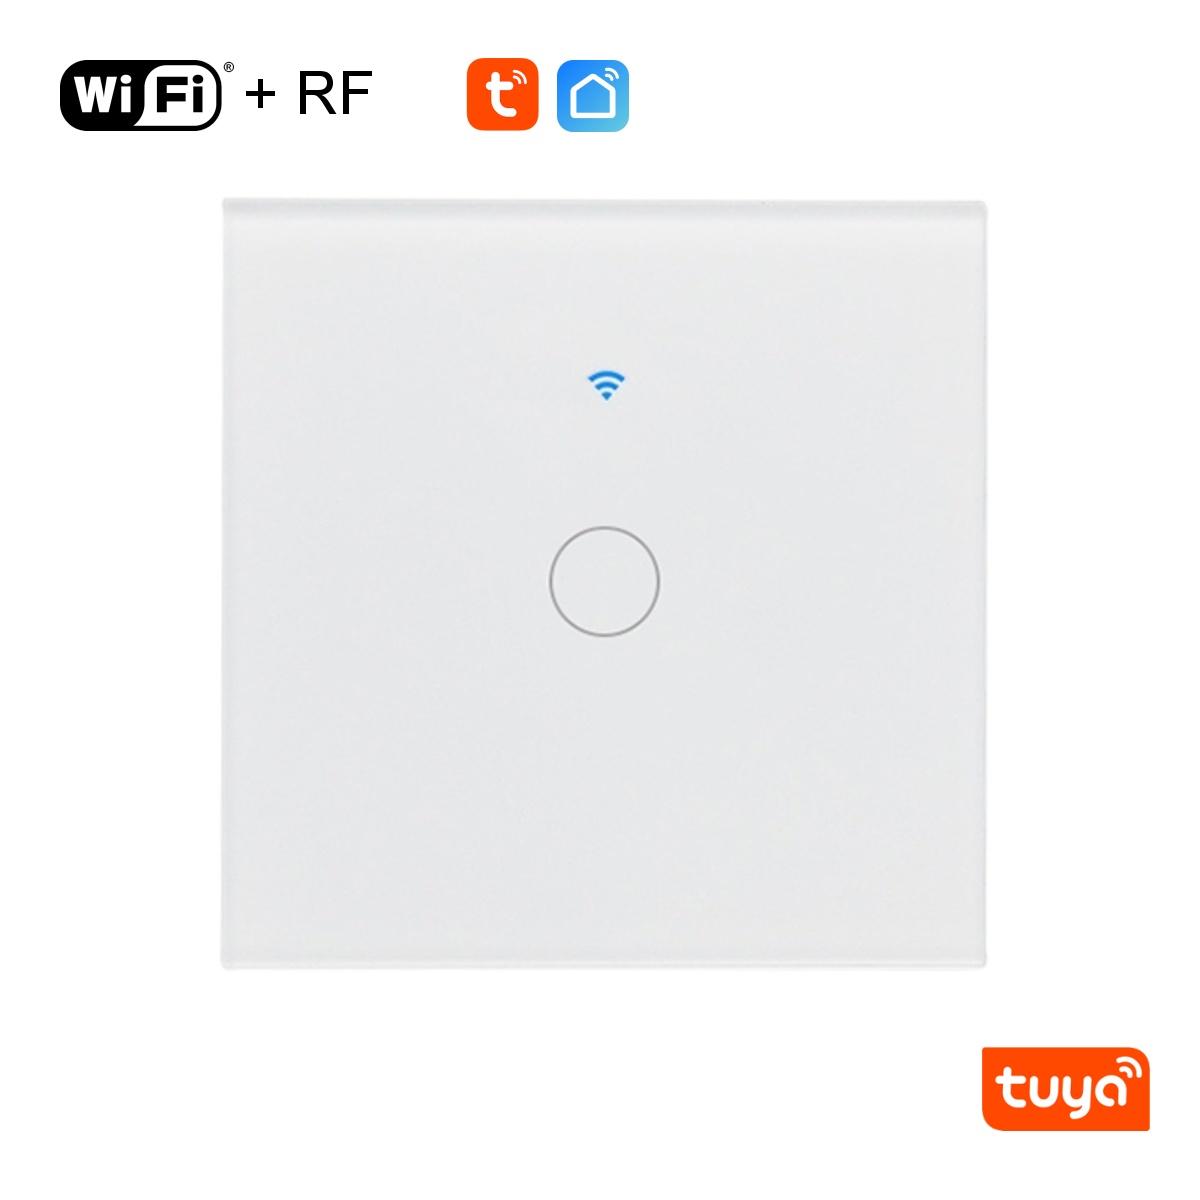 Jednotlačítkový WiFi+RF vypínač - Tuya